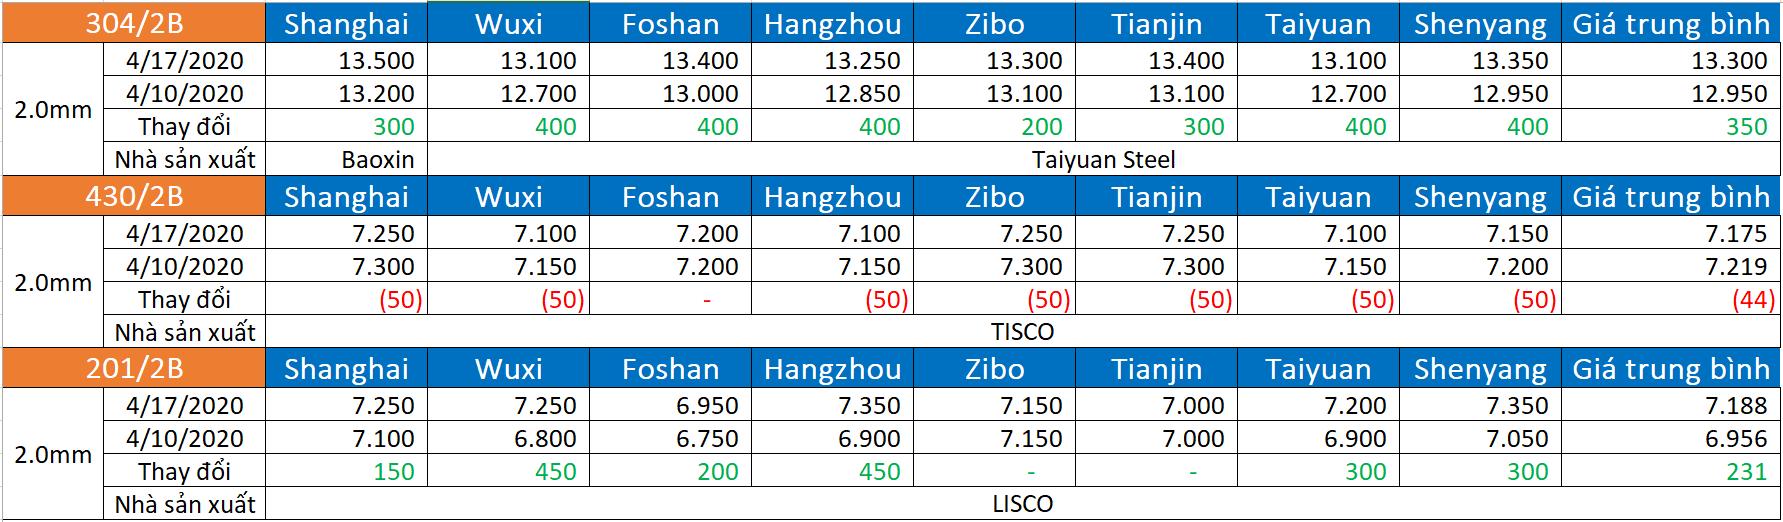 Giá thép cán nóng, thép thanh Trung Quốc tăng trở lại - Ảnh 1.